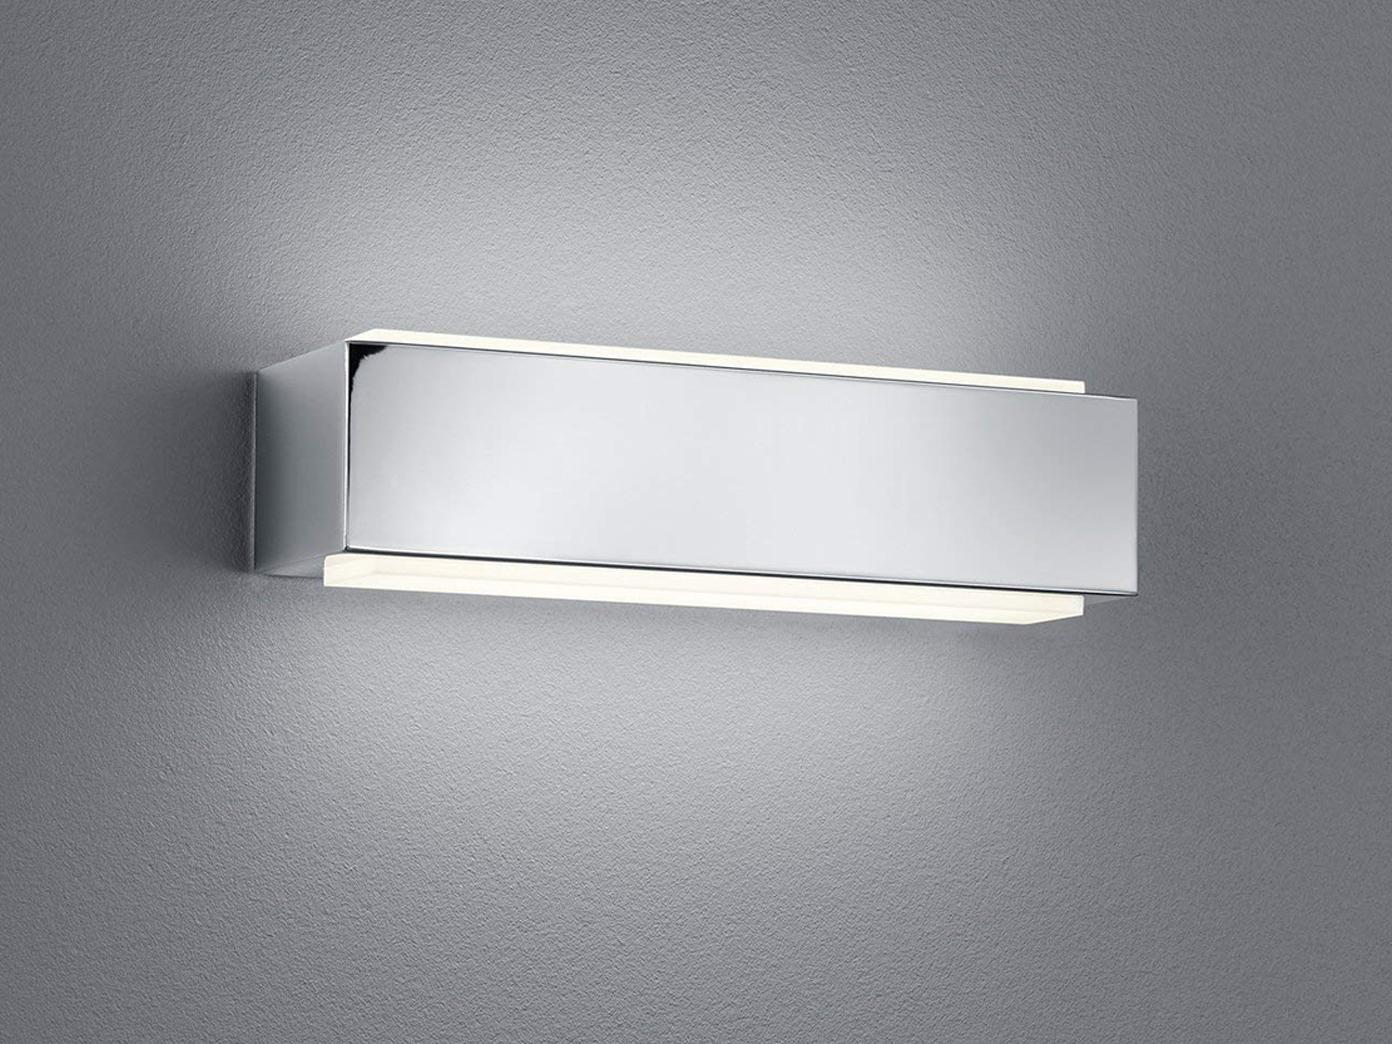 Designer LED Parete Faretto Up & Down 25 x x x 7cm in Coloreeei cromo con un interruttore 073aaa